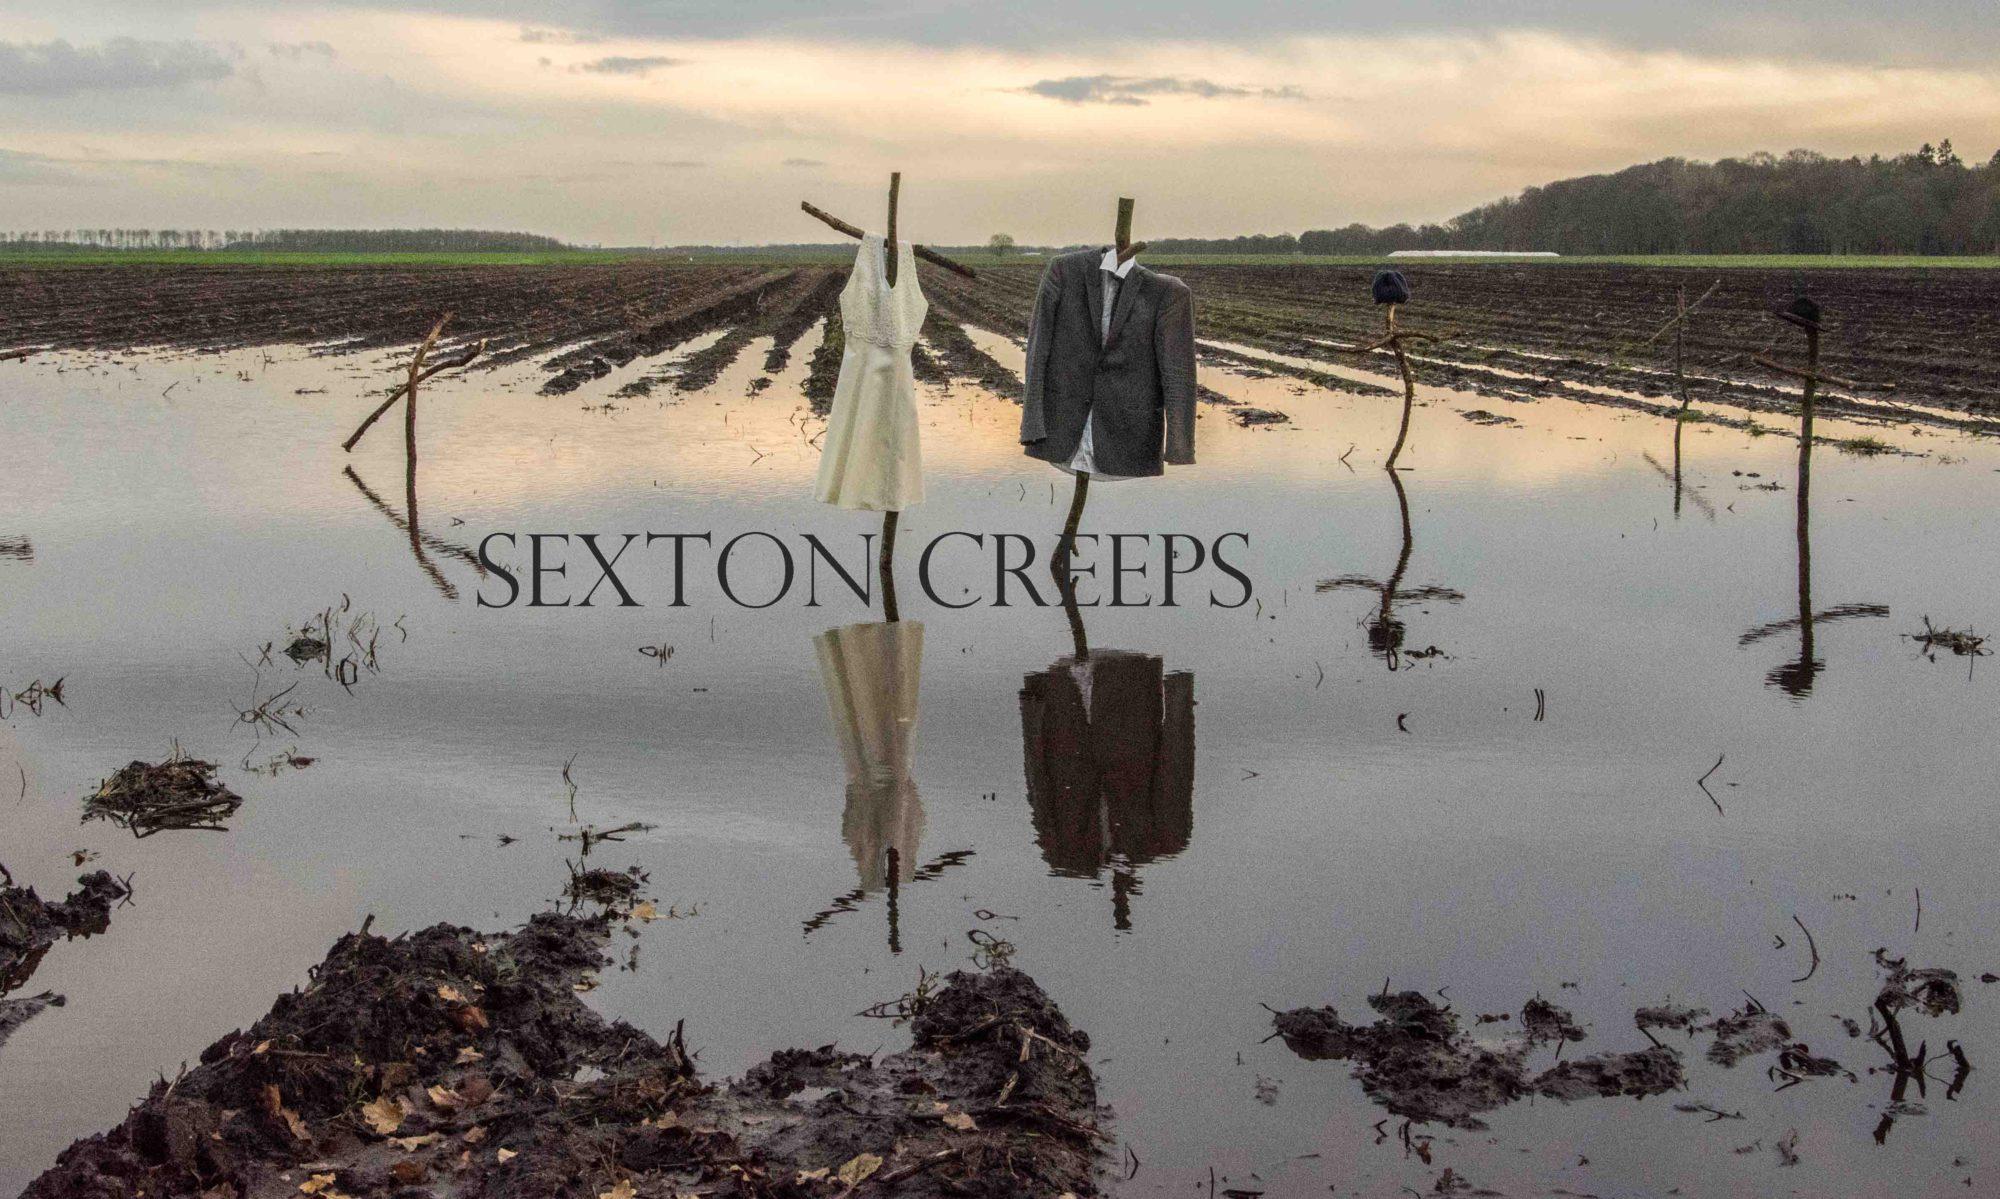 Sexton Creeps